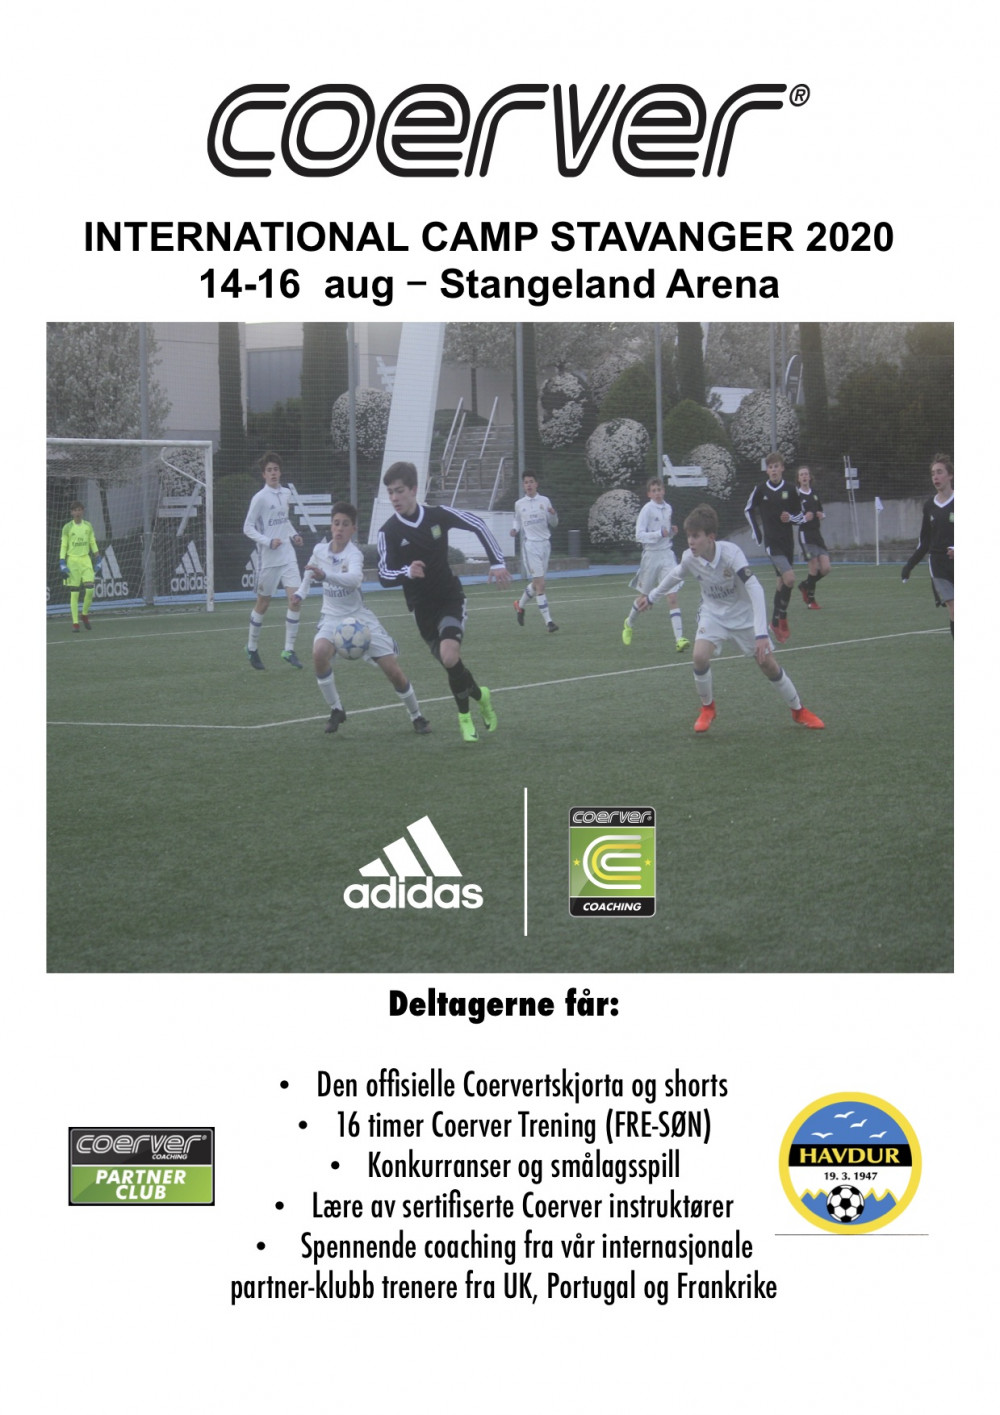 Coerver International Camp - Stavanger 2020 (14-16 AUG)